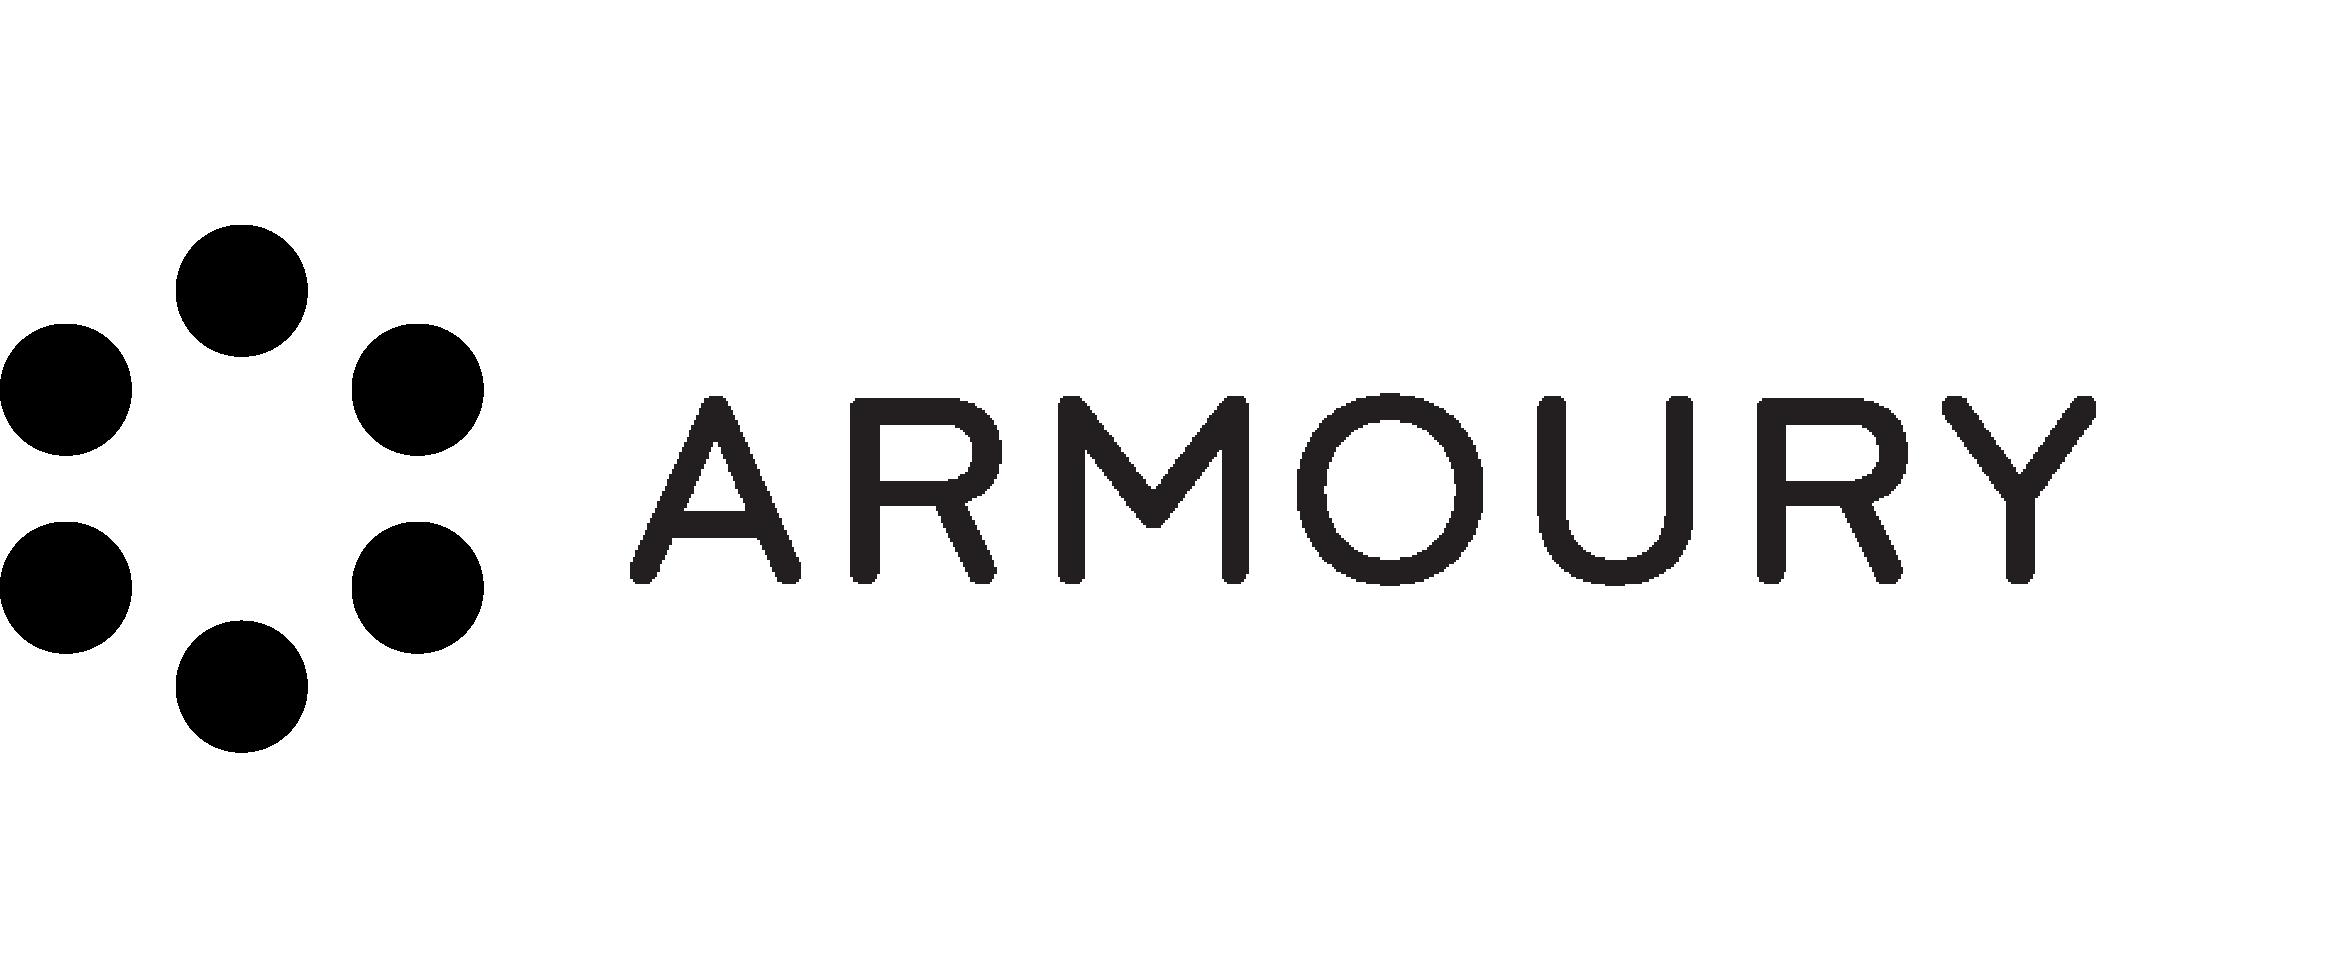 Armoury London